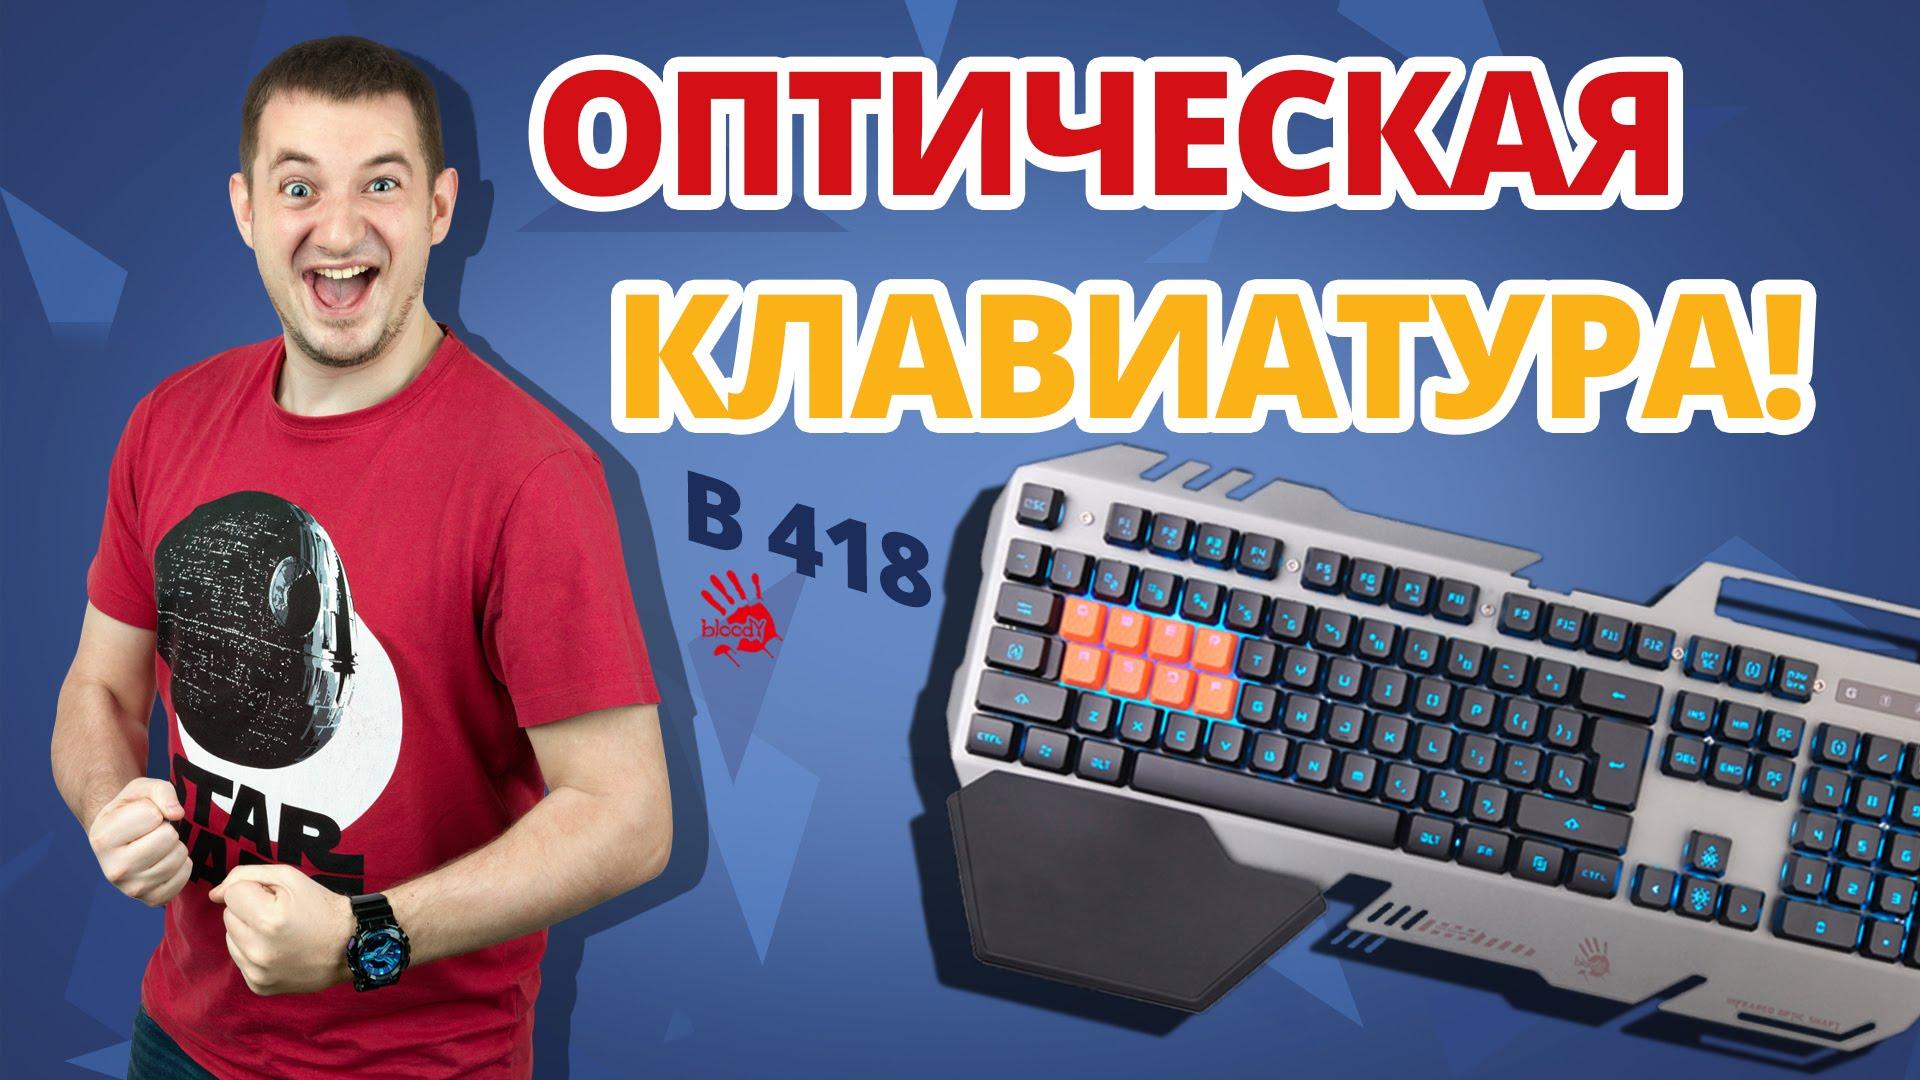 F.ua – КАК Я ИГРАЛ НА ОПТИЧЕСКОЙ КЛАВЕ! ✔ Обзор Игровой Клавиатуры A4tech Bloody B418.